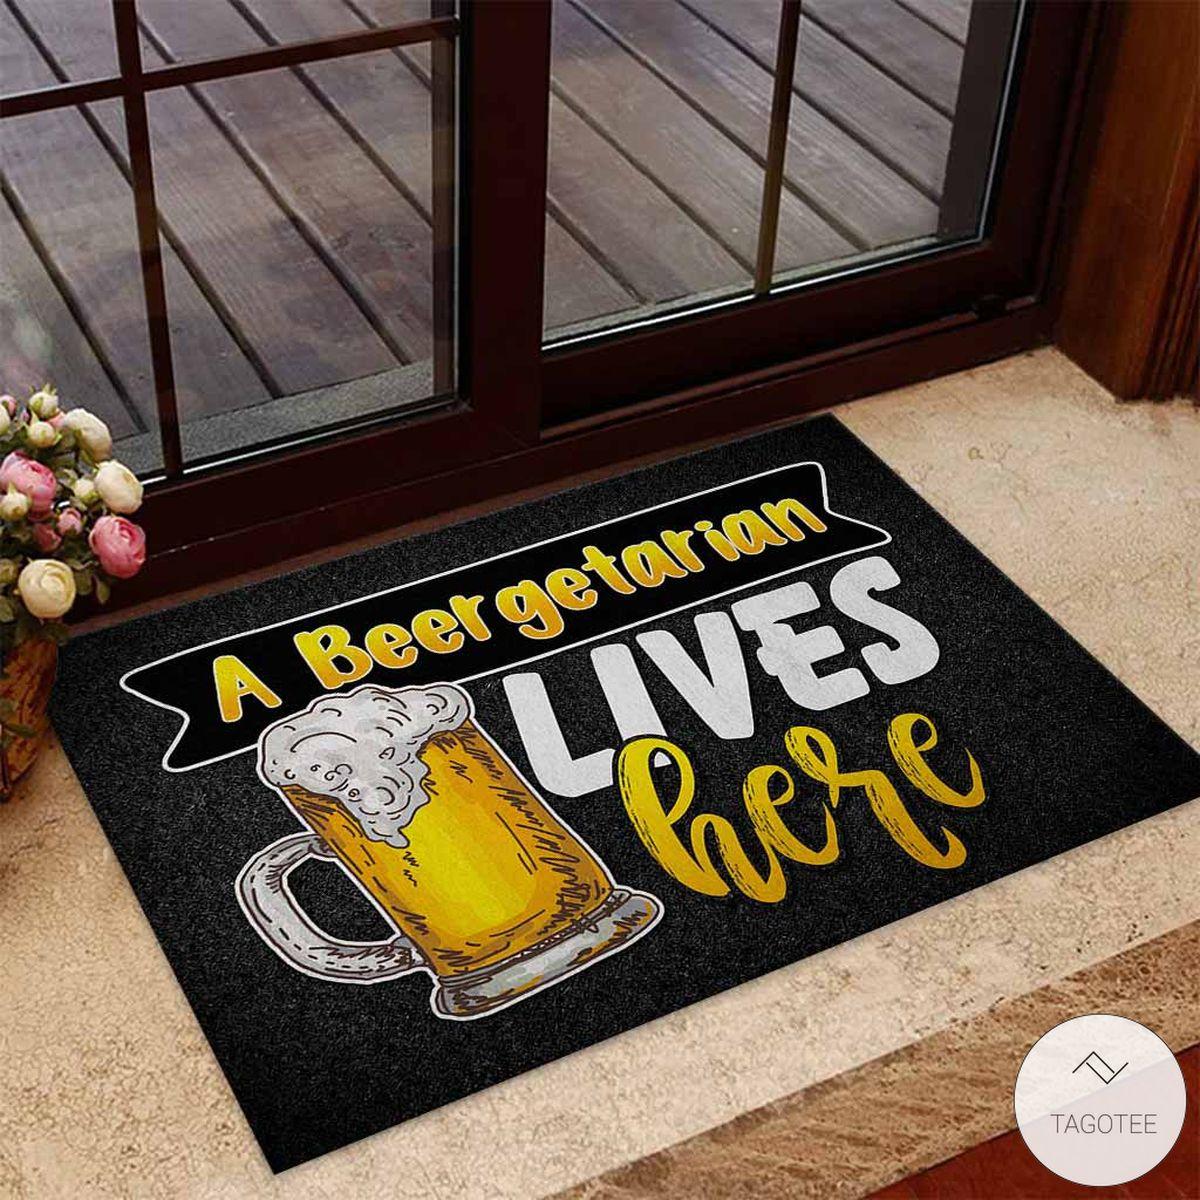 A Beergetarian Lives Here – Beer Doormat